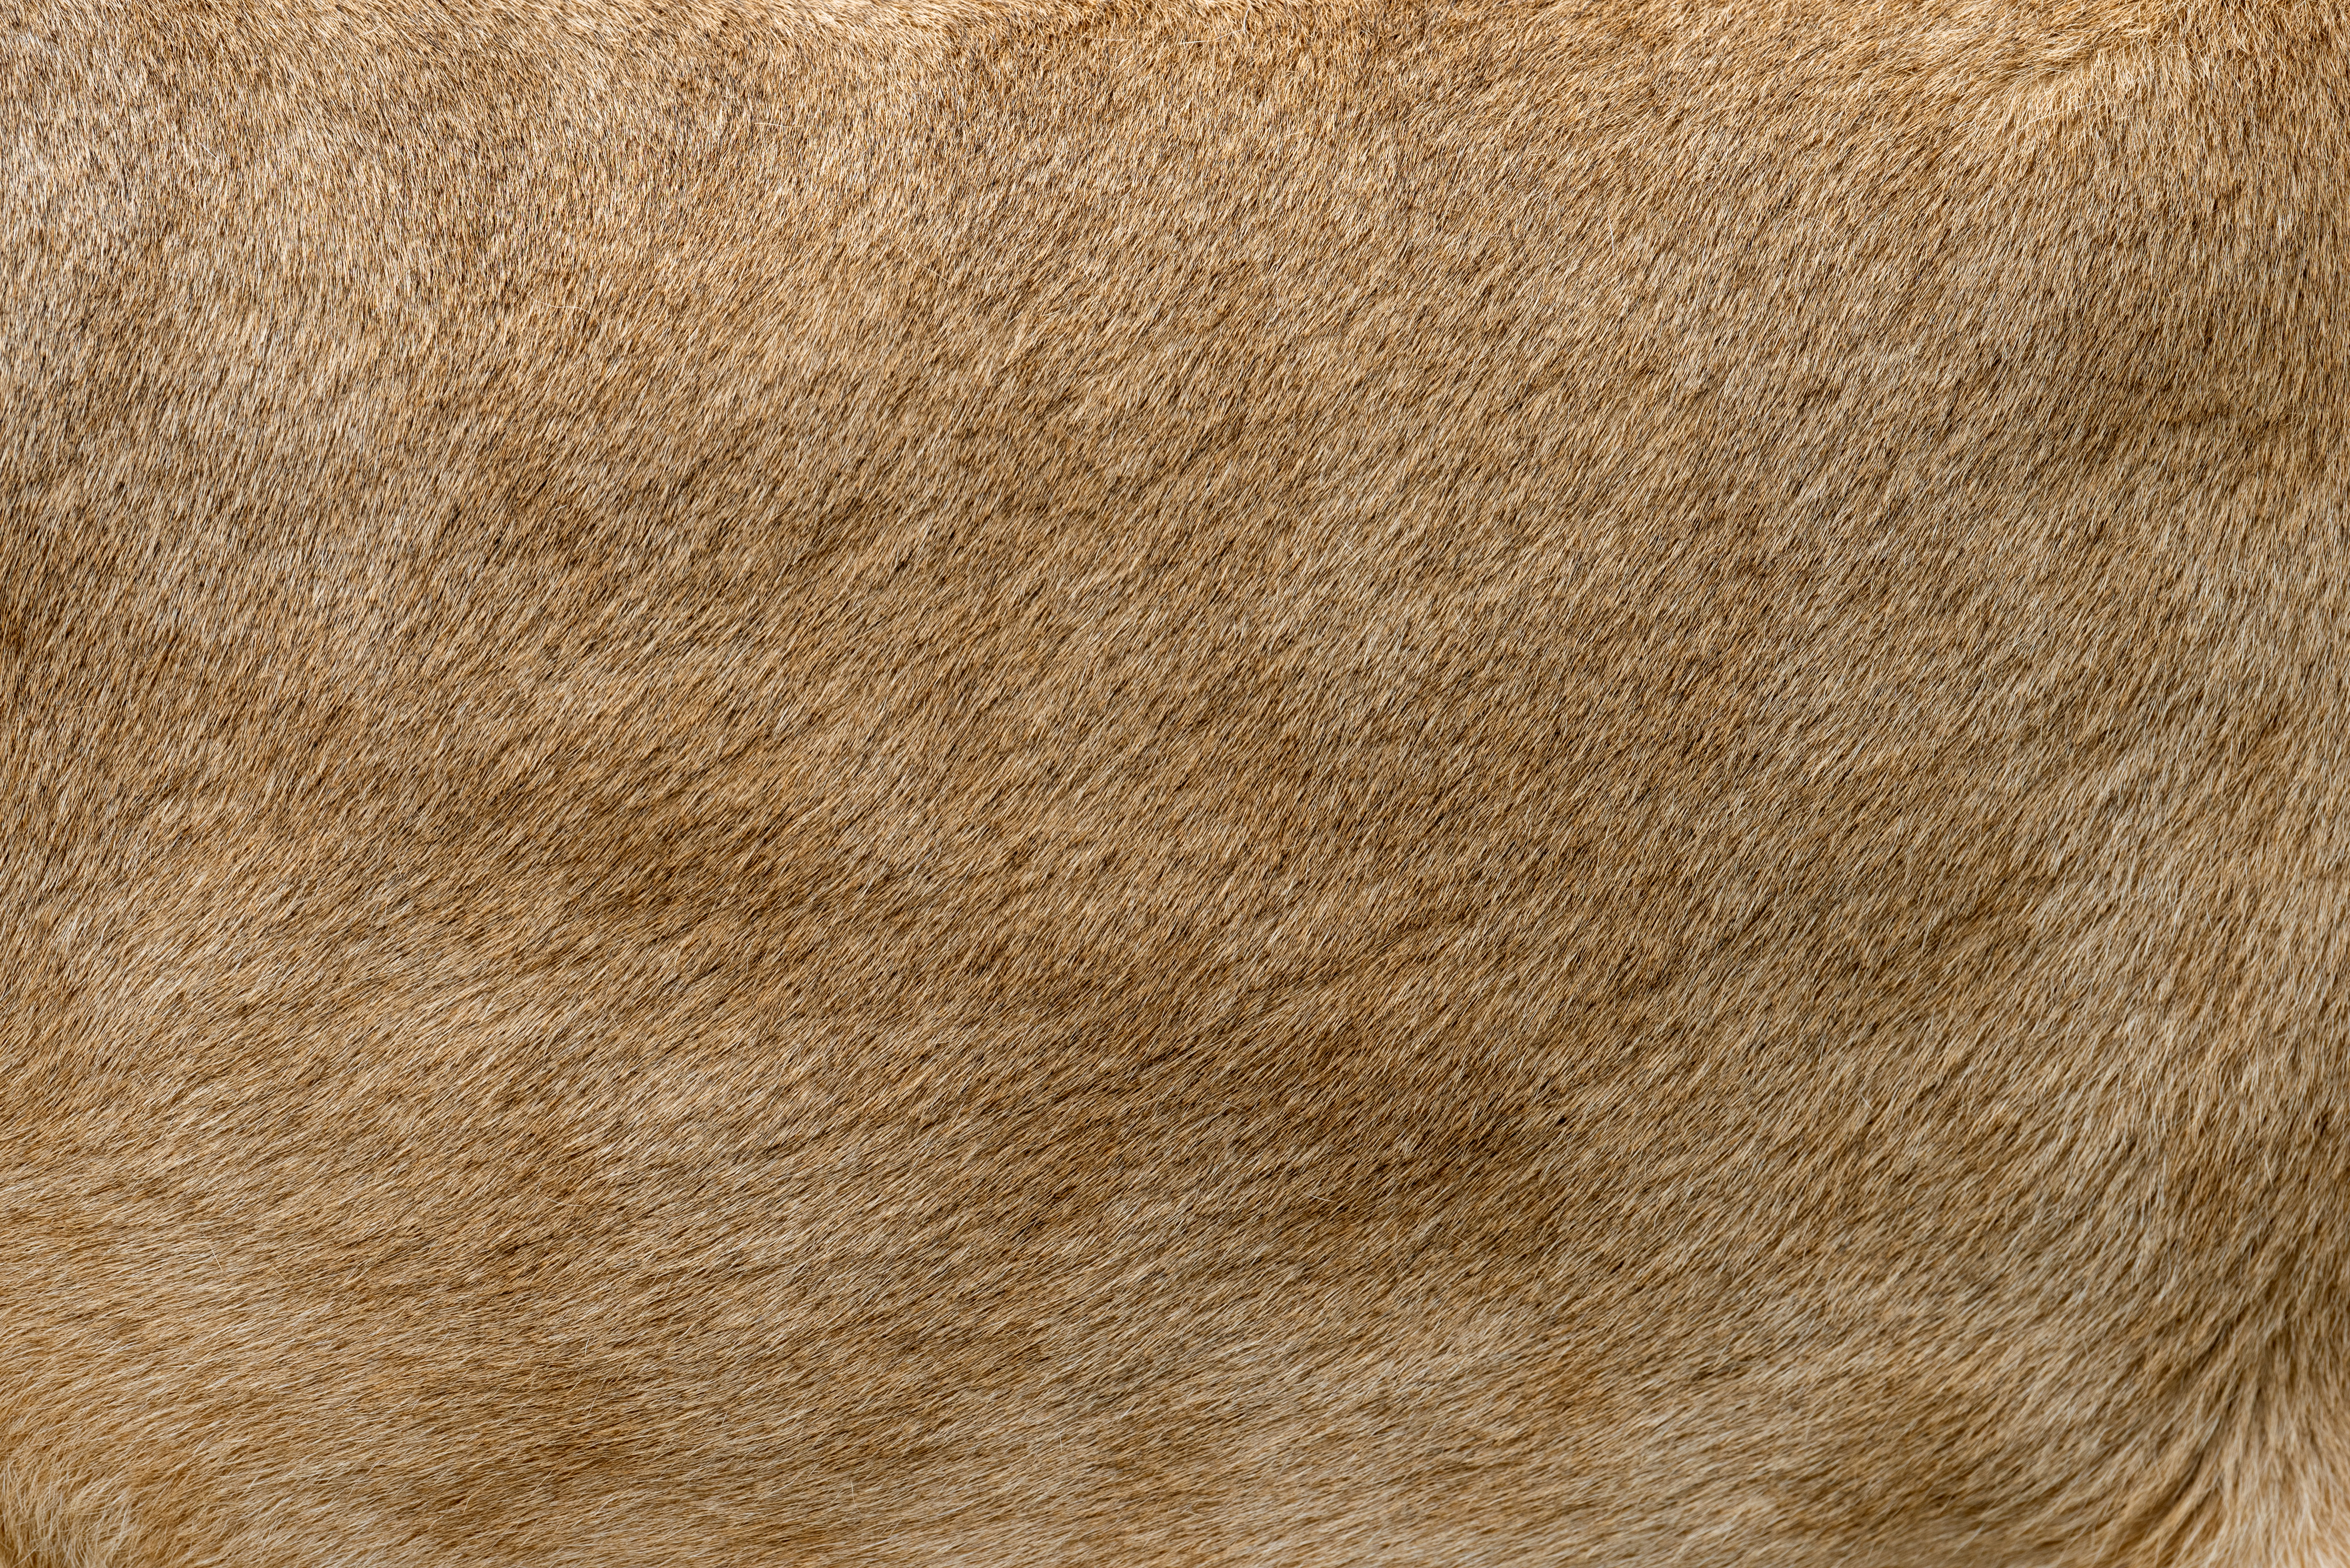 Nem egyszerű, de ennyiből kitalálod, milyen állat lehet a képen?